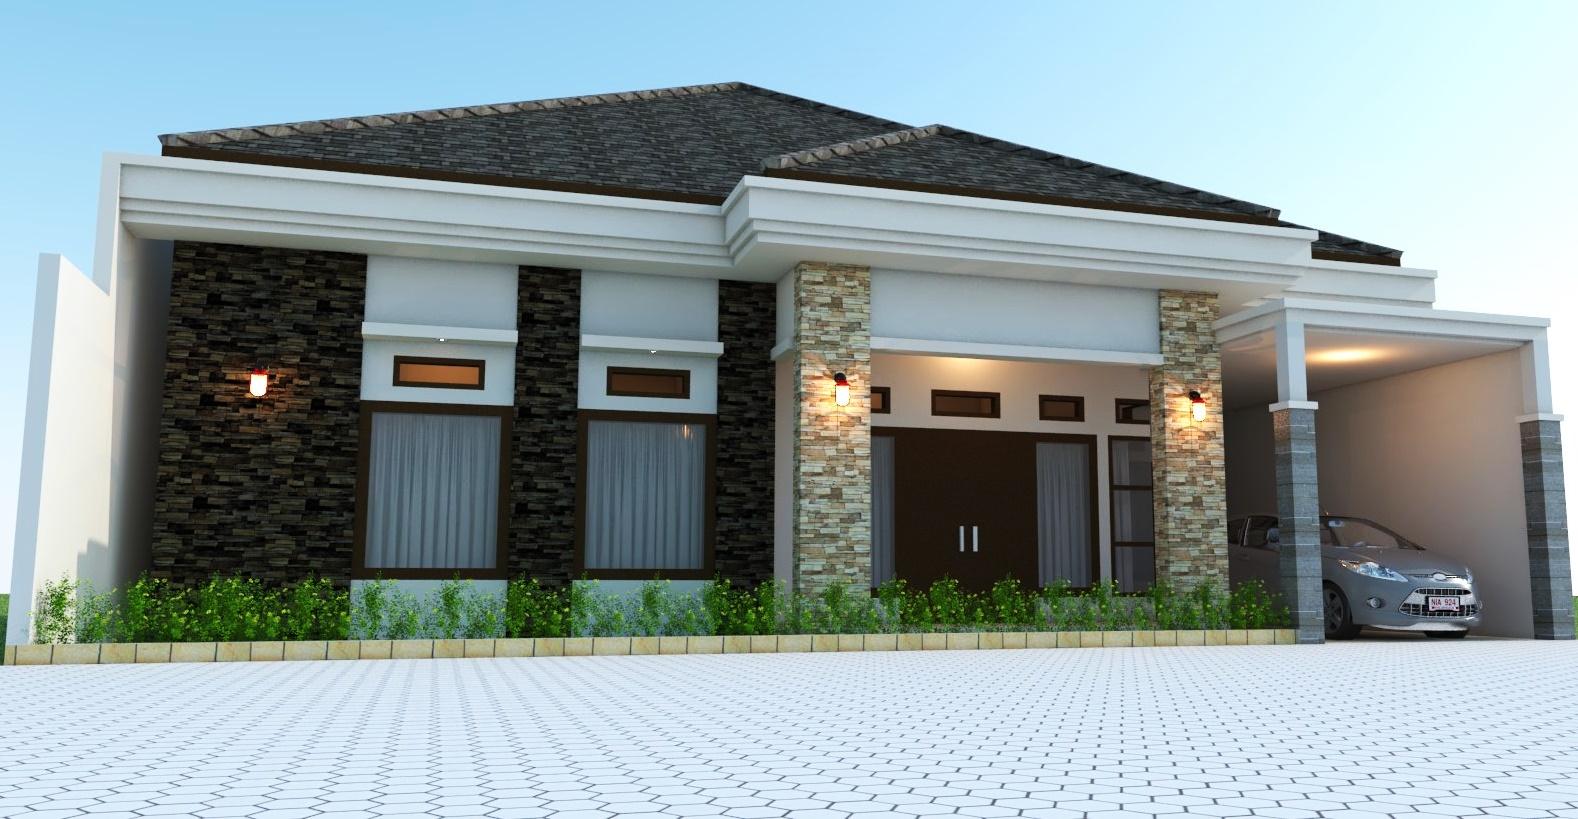 Desain Rumah 1 Lantai Lebar 10 M Type 280 Milik Bu Hartini Maros Jasa Desain Rumah